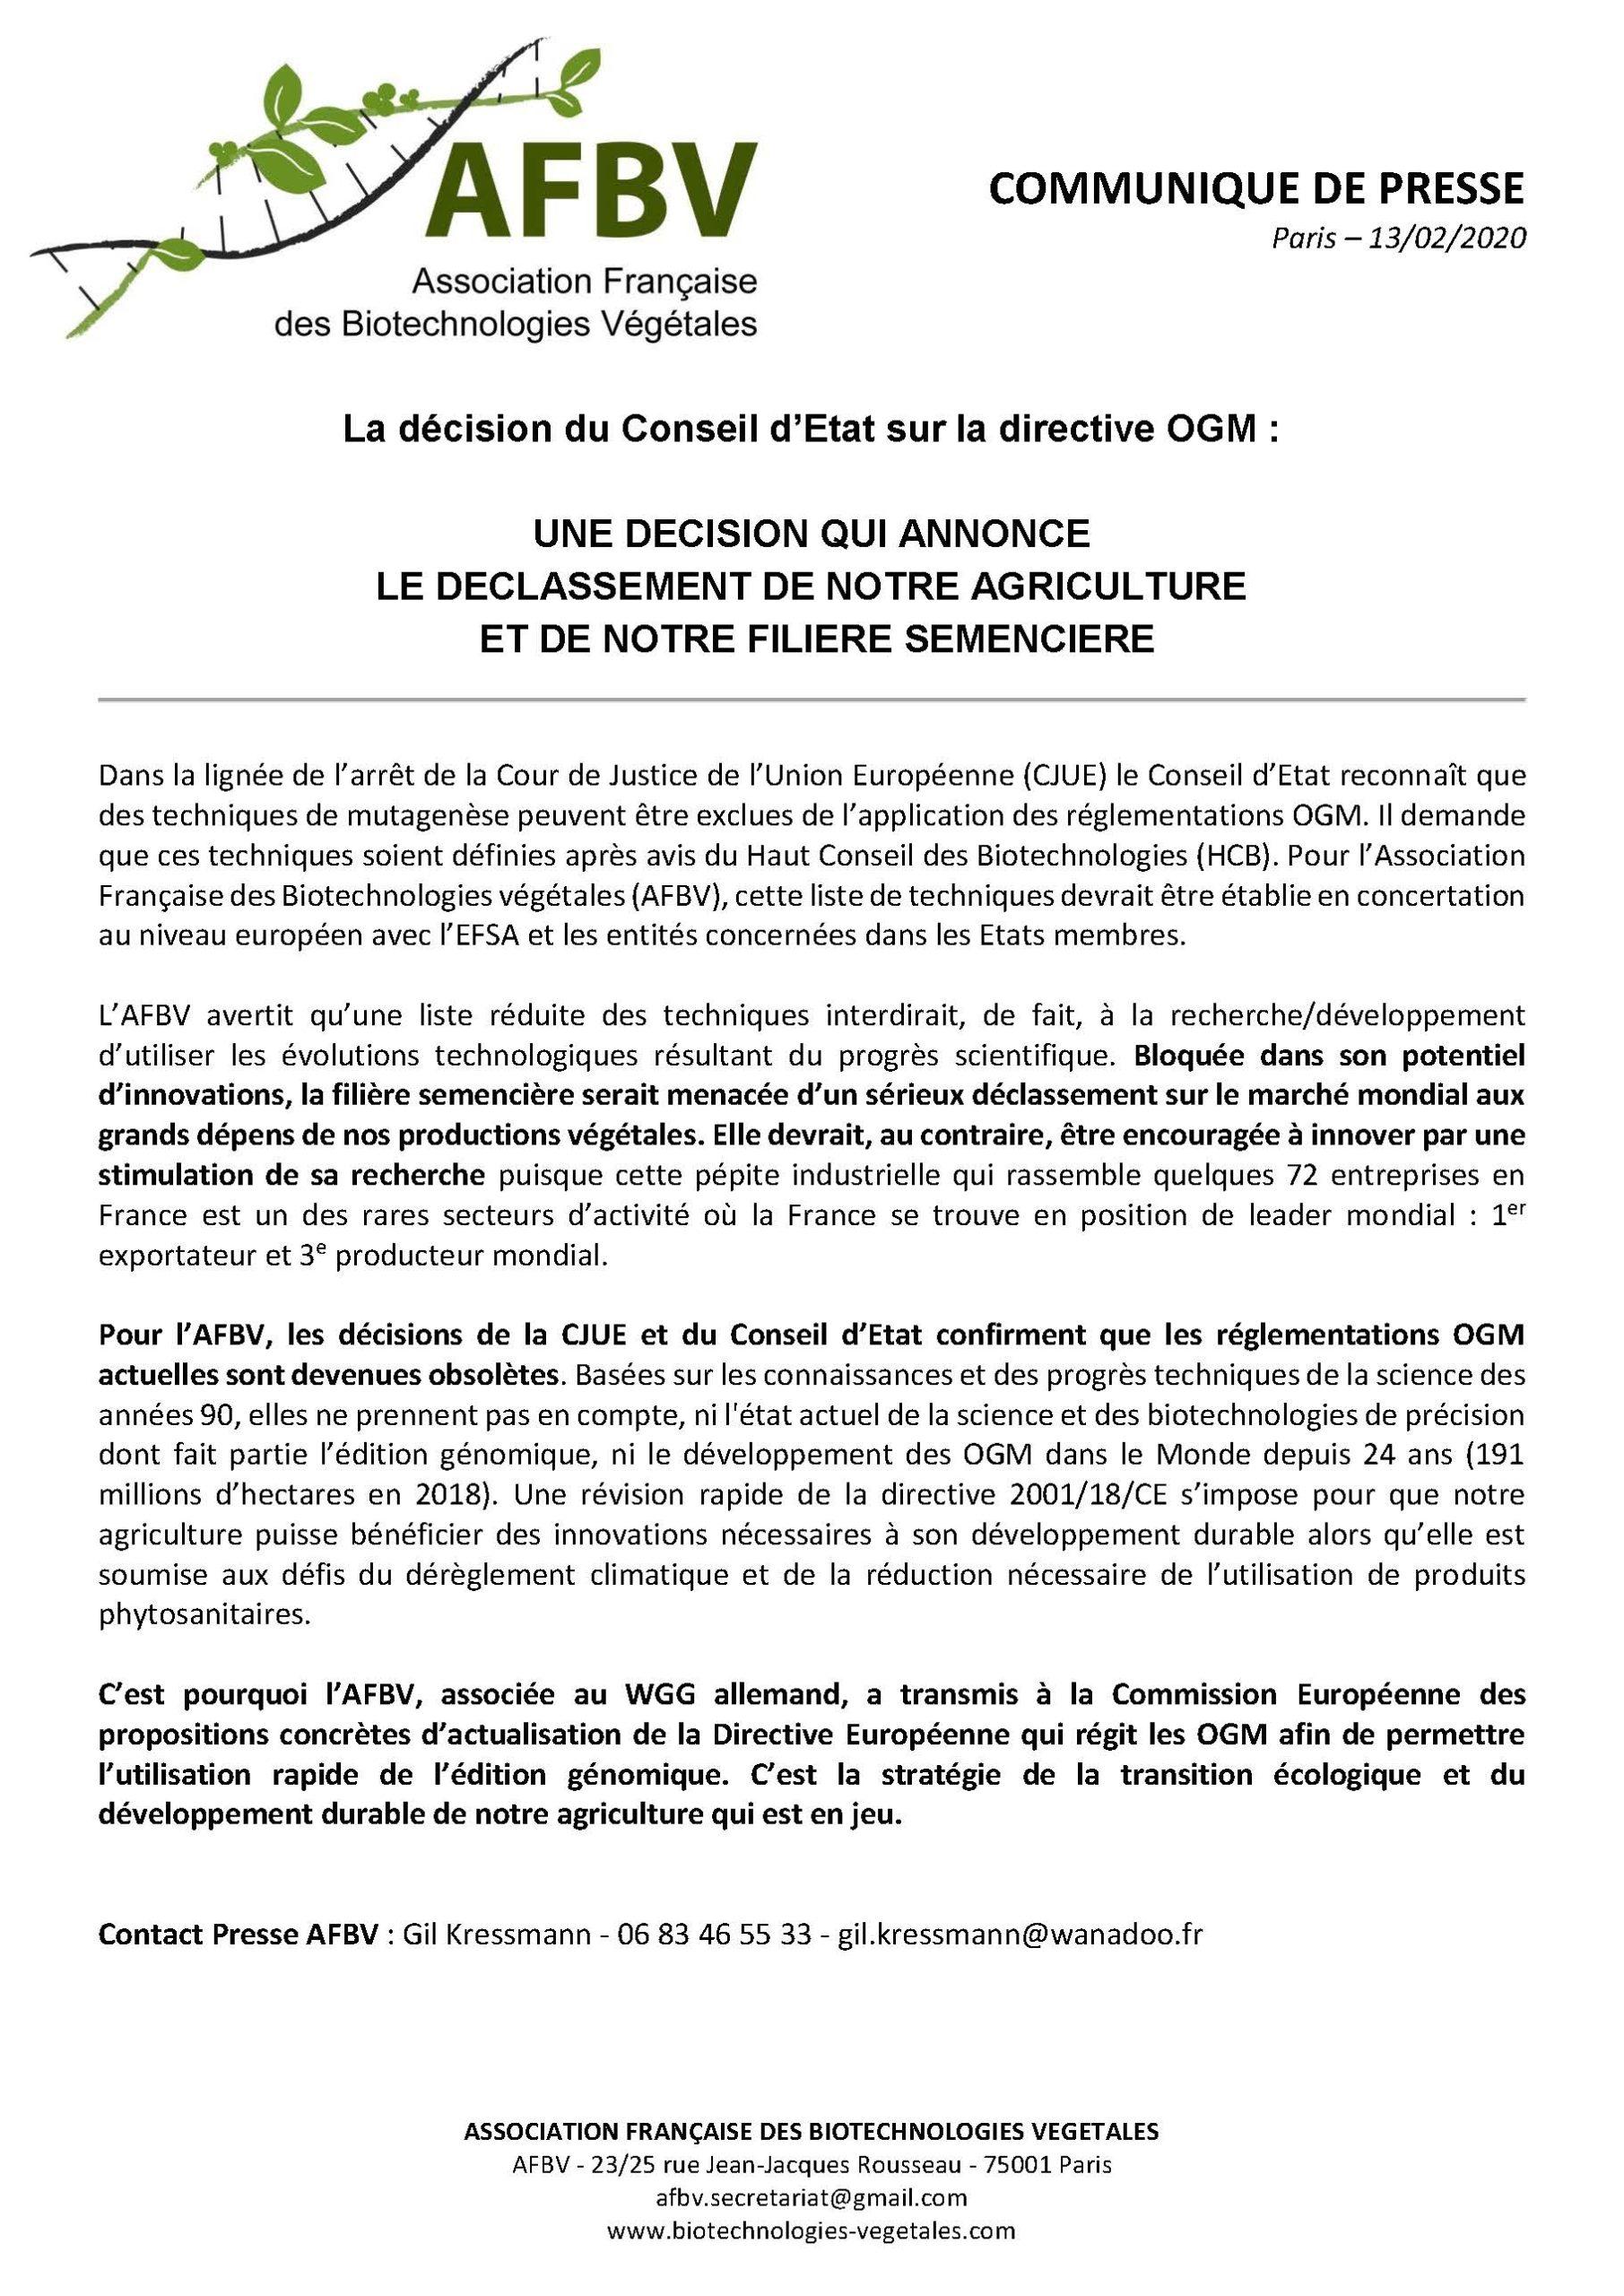 La décision du Conseil d'Etat sur la directive OGM annonce le…